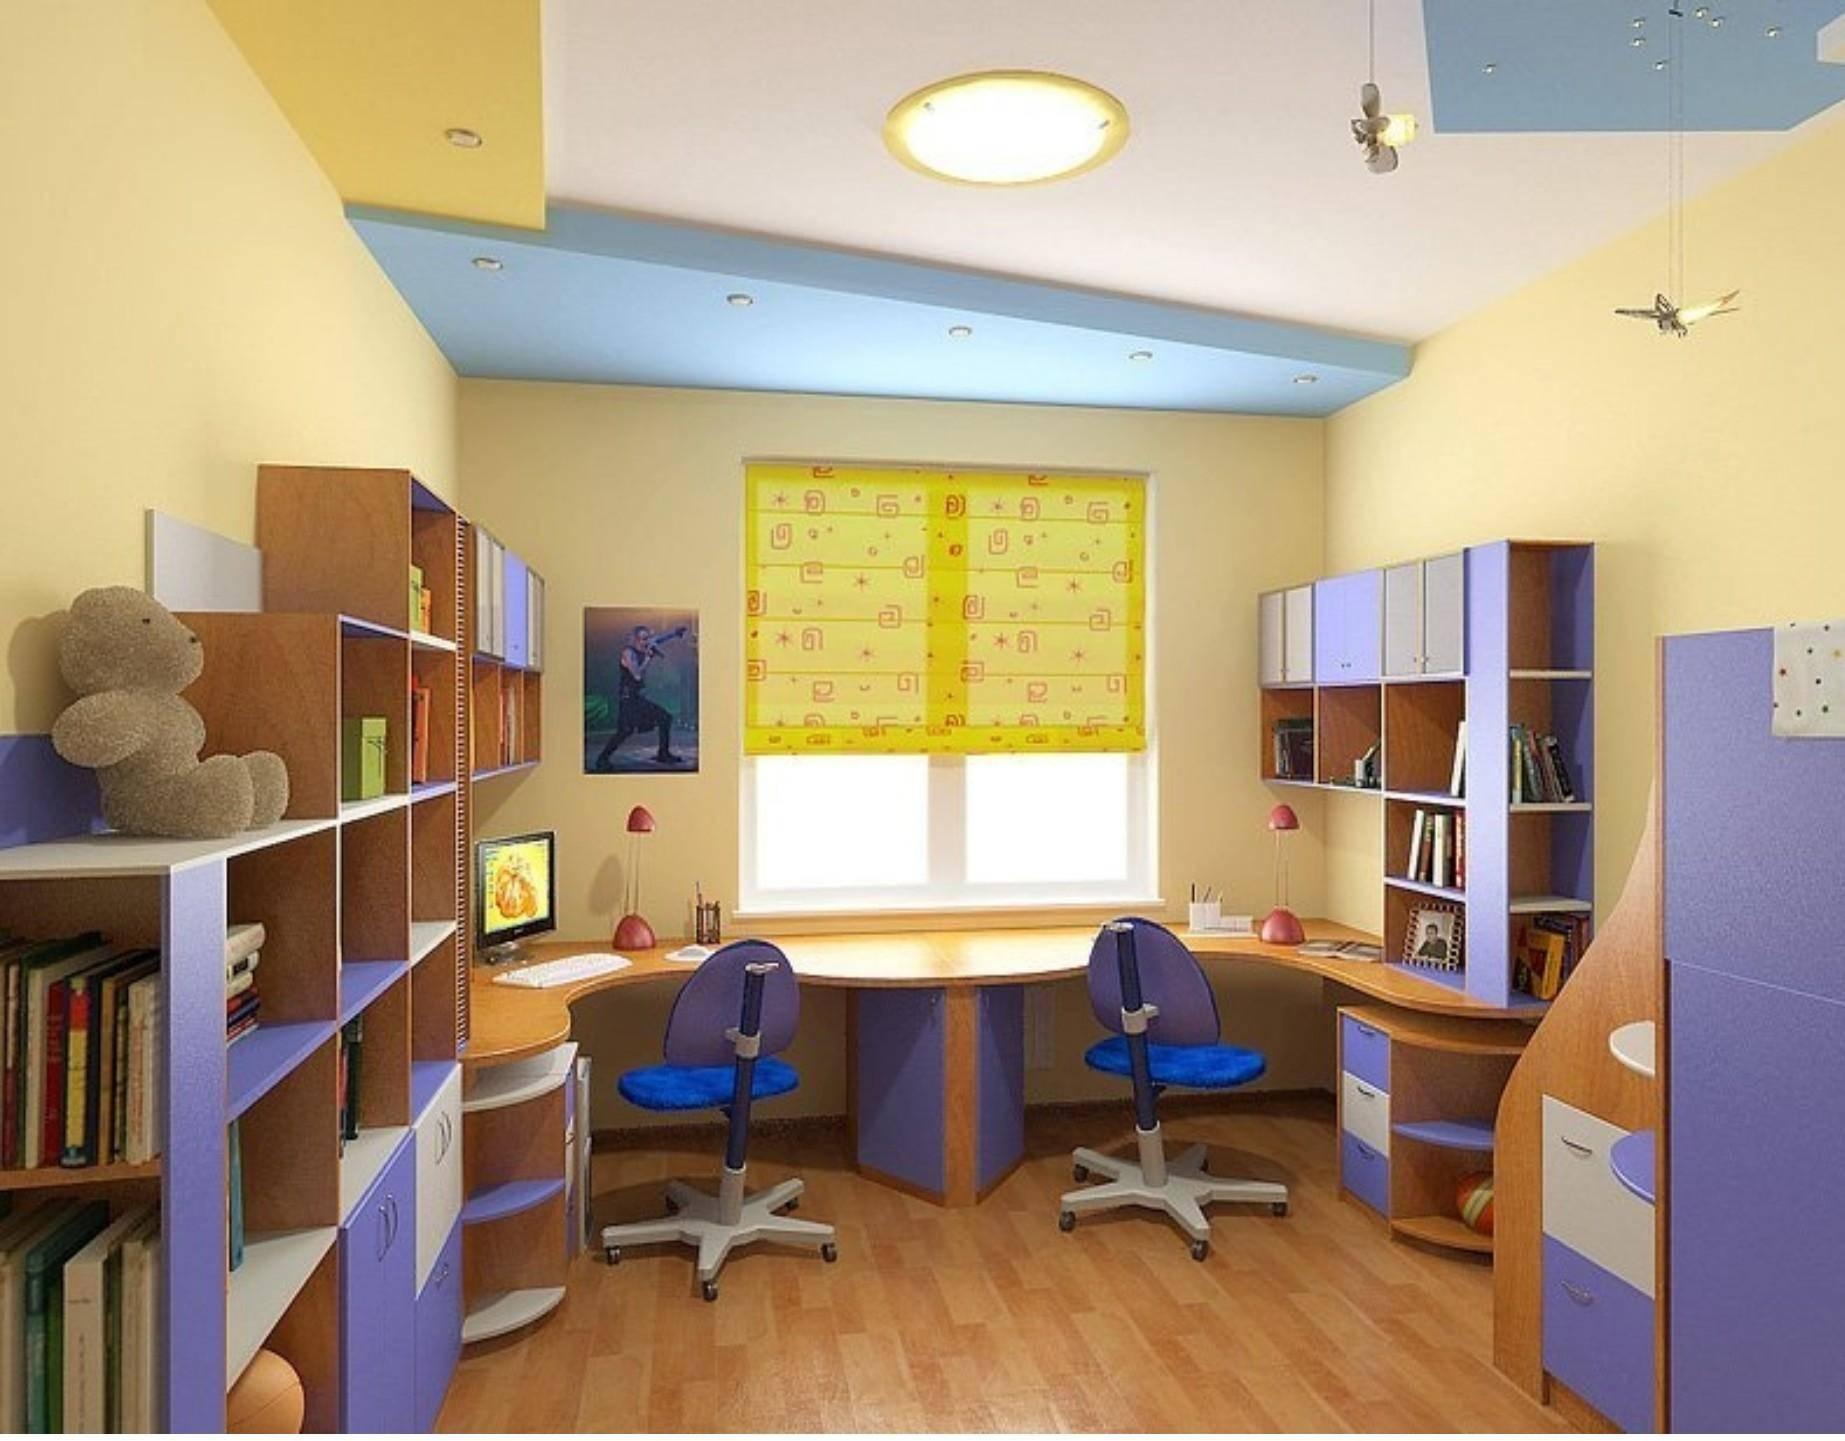 Дизайн комнаты 10 кв. м (60 фото): примеры ремонта прямоугольной студии размером 10 квадратных метров, современные идеи оформления интерьера